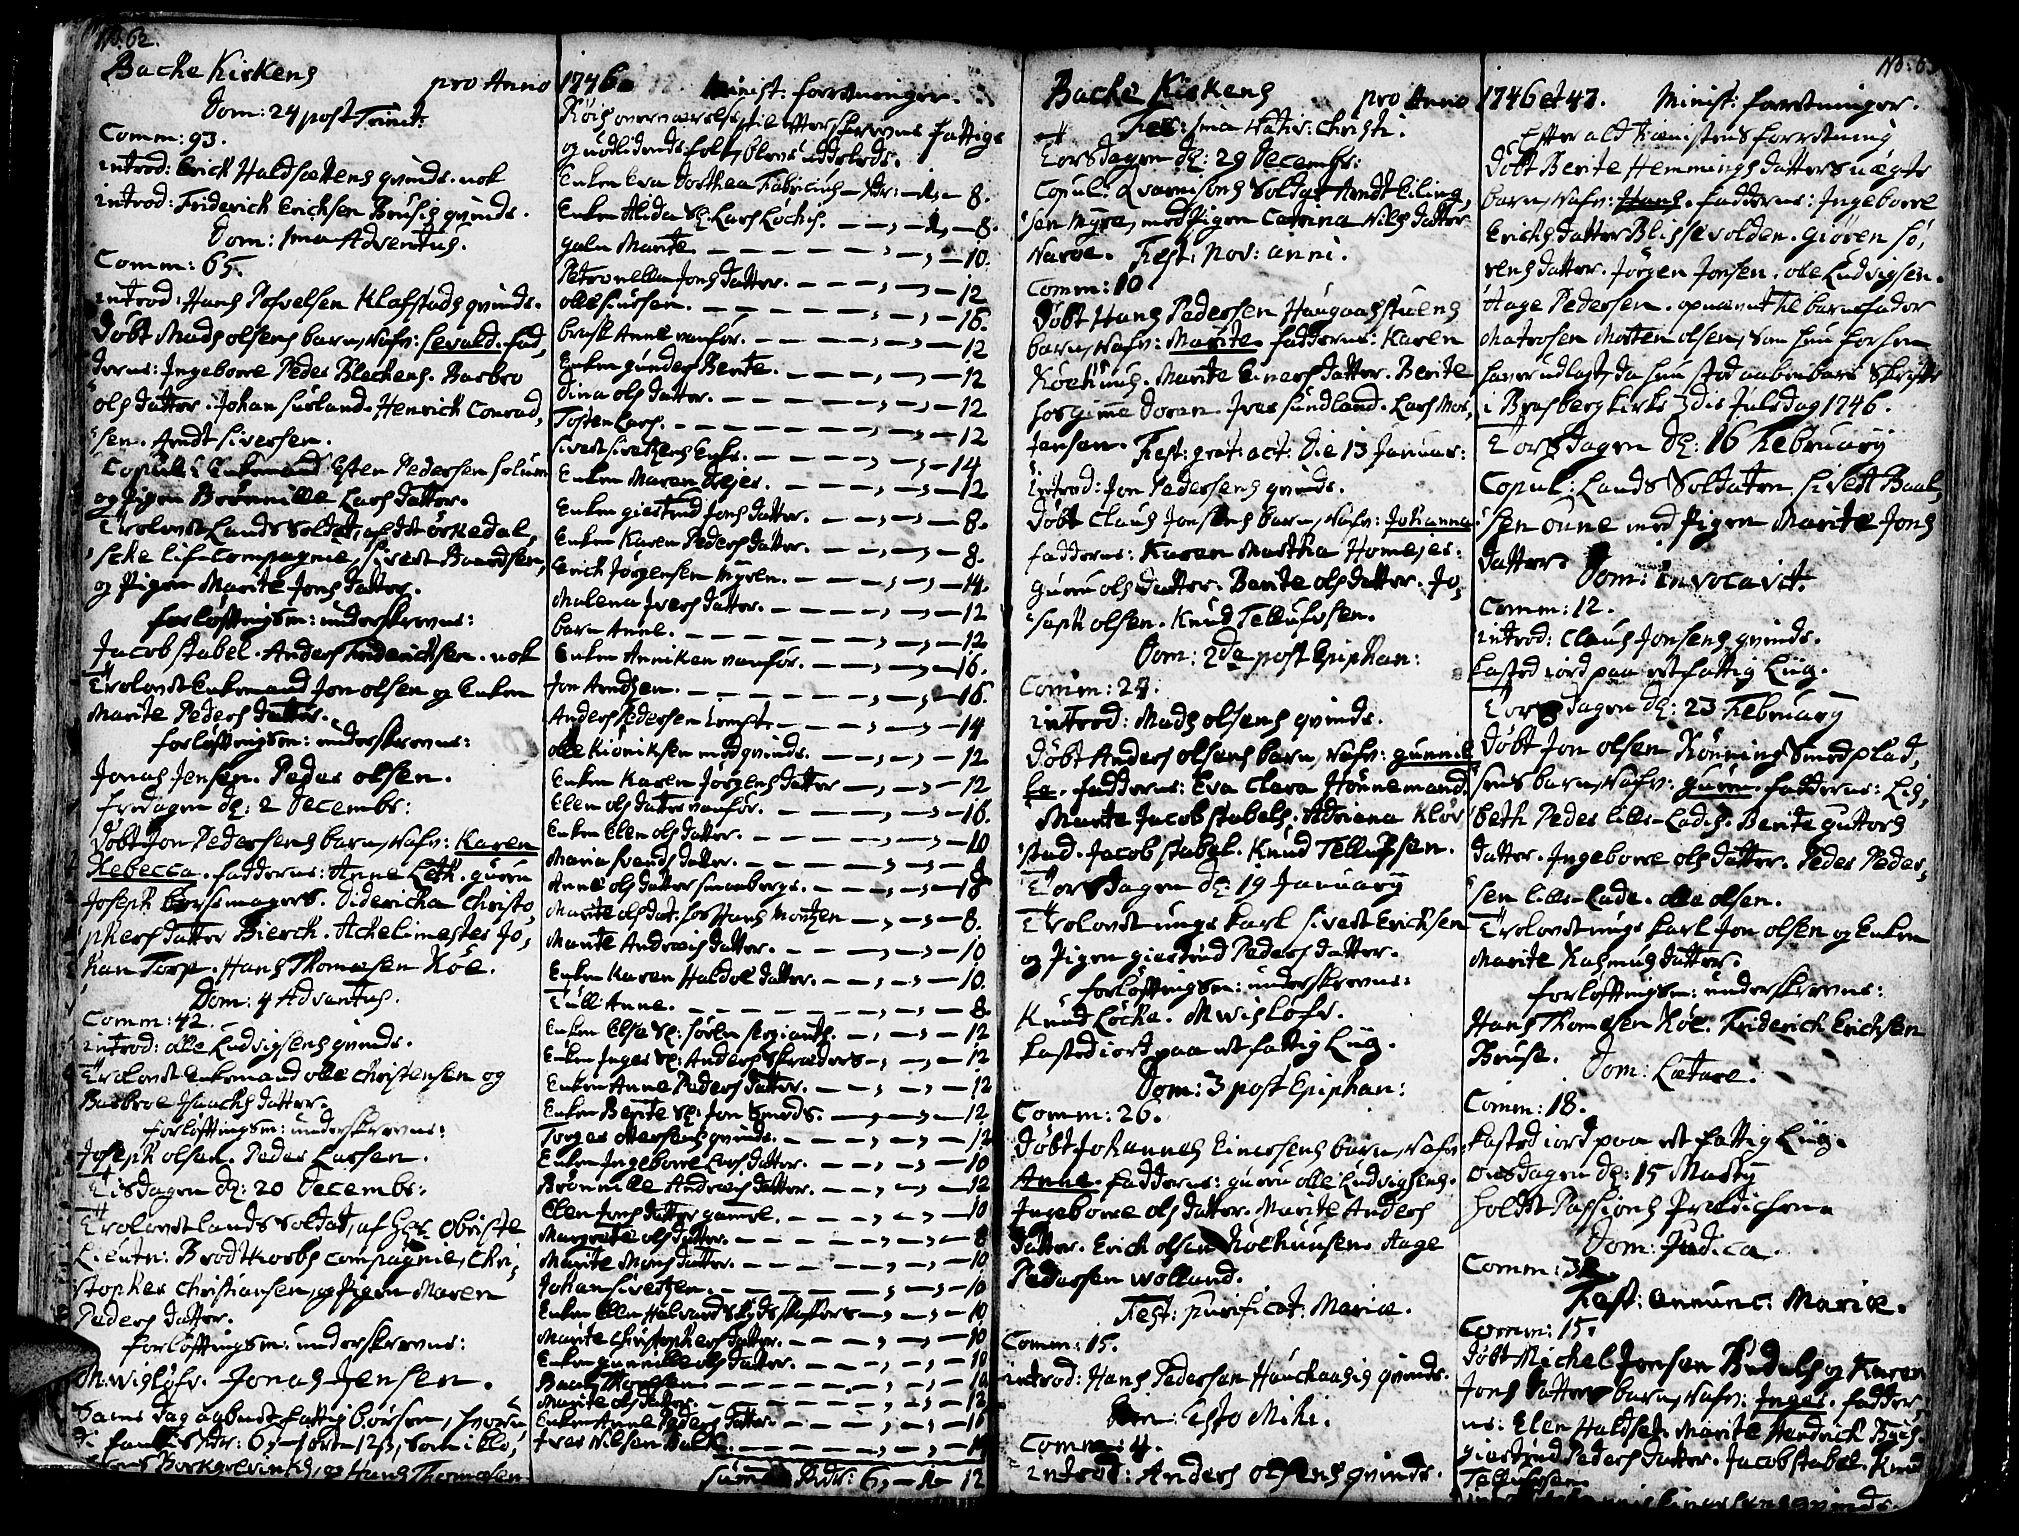 SAT, Ministerialprotokoller, klokkerbøker og fødselsregistre - Sør-Trøndelag, 606/L0276: Ministerialbok nr. 606A01 /2, 1727-1779, s. 62-63